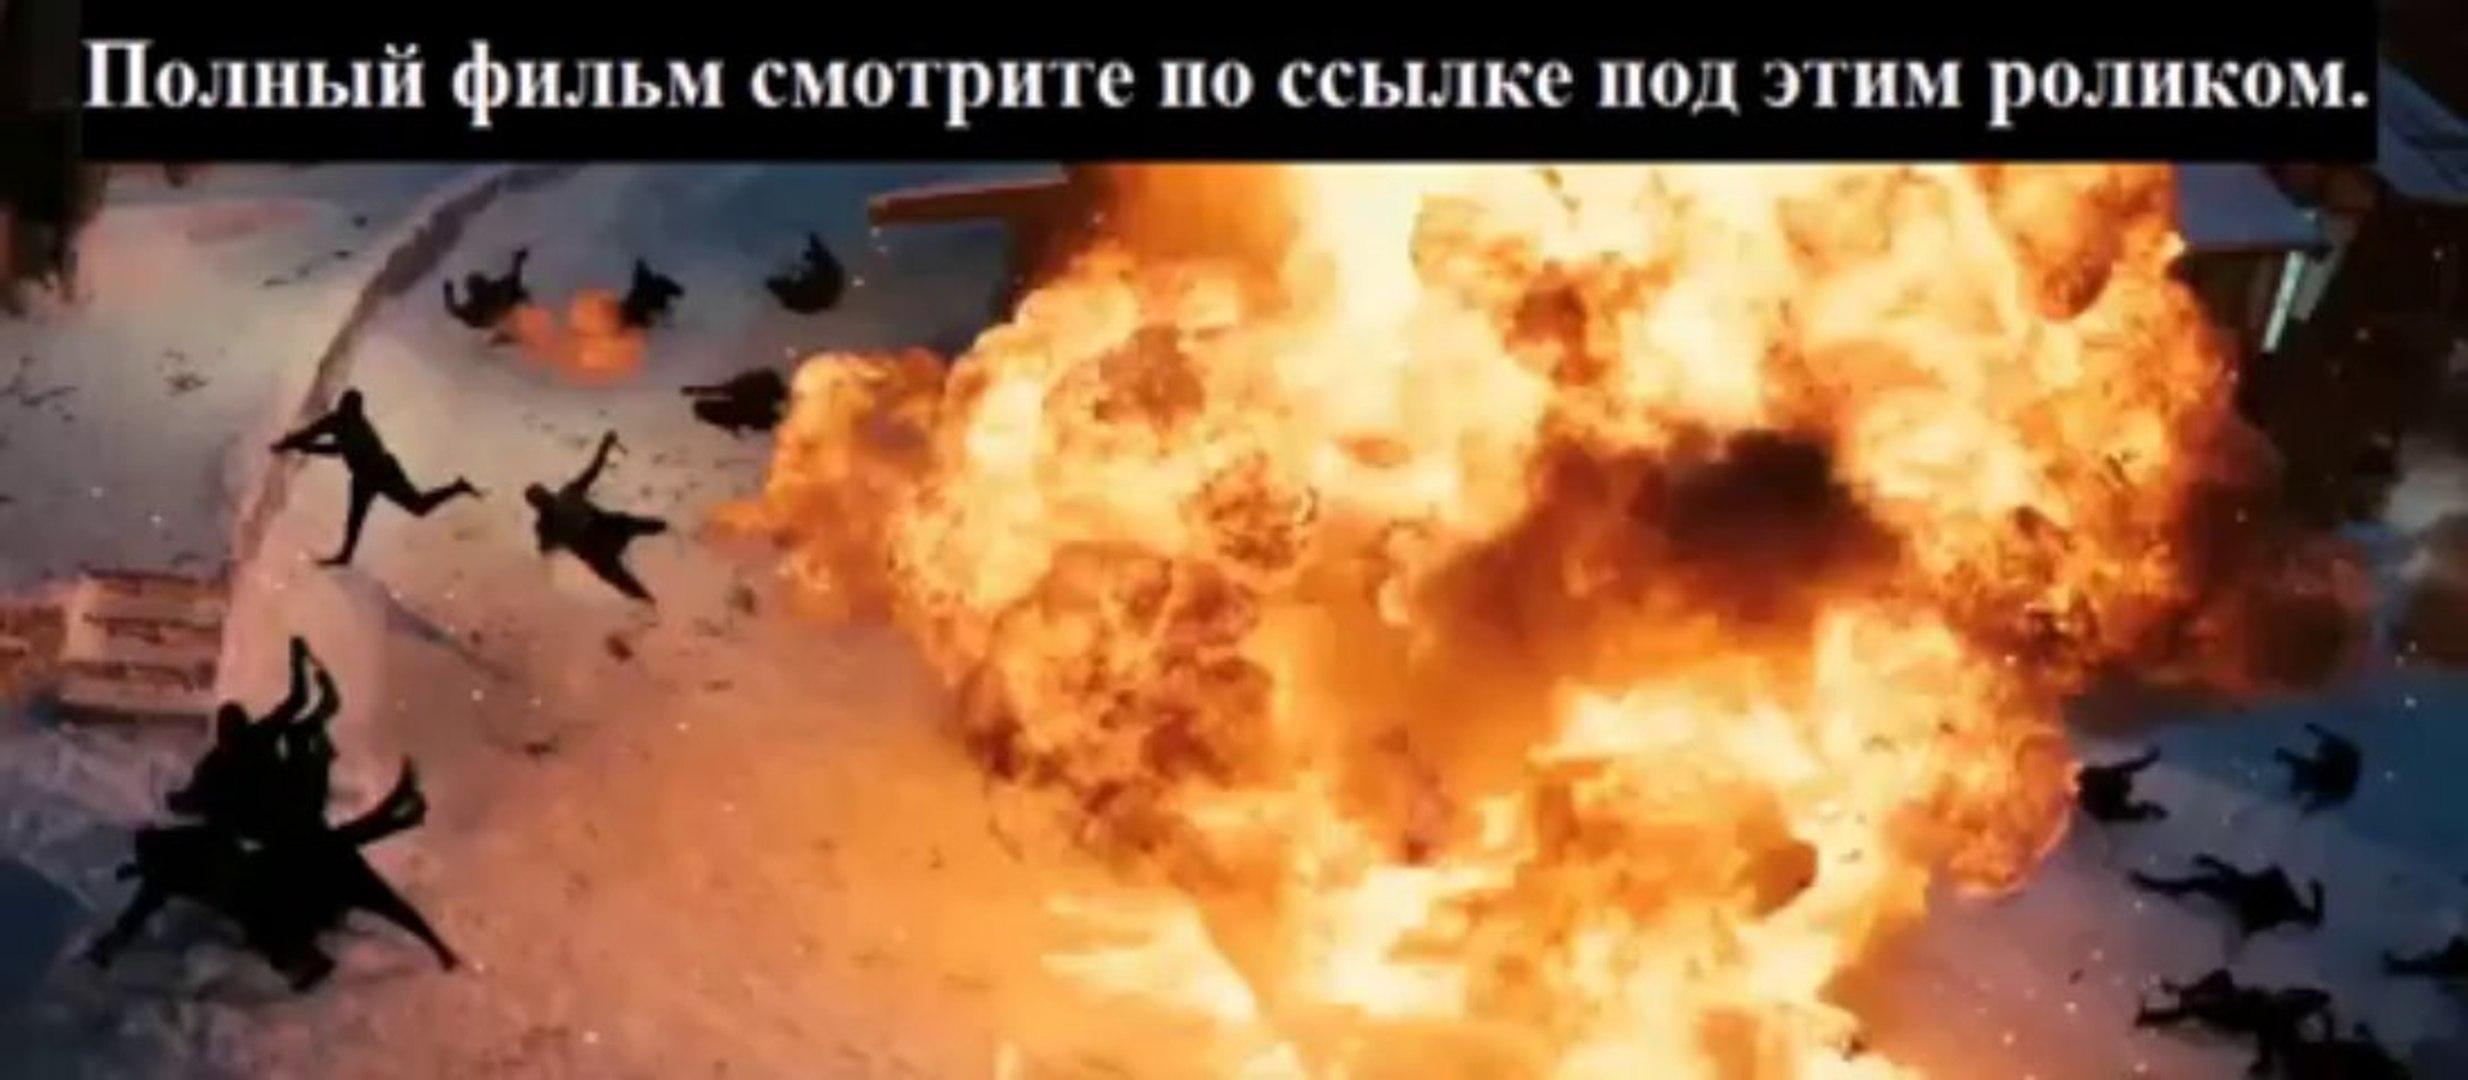 Росомаха Бессмертный смотреть онлайн фильм полный №147***--